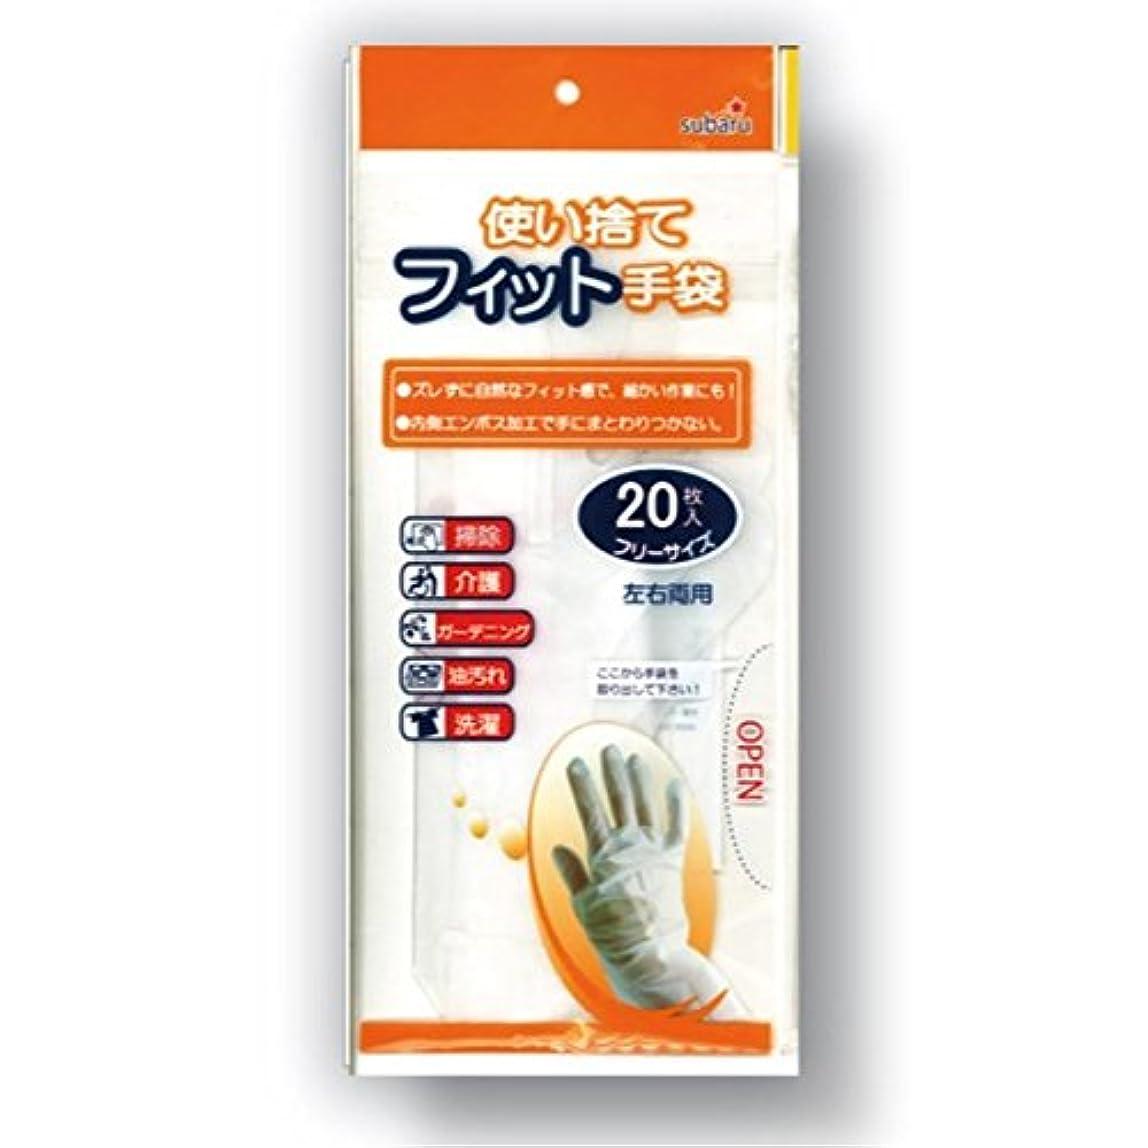 秀でる図暴力的な使い捨てフィット手袋フリーサイズ20枚入[12個セット] 227-19